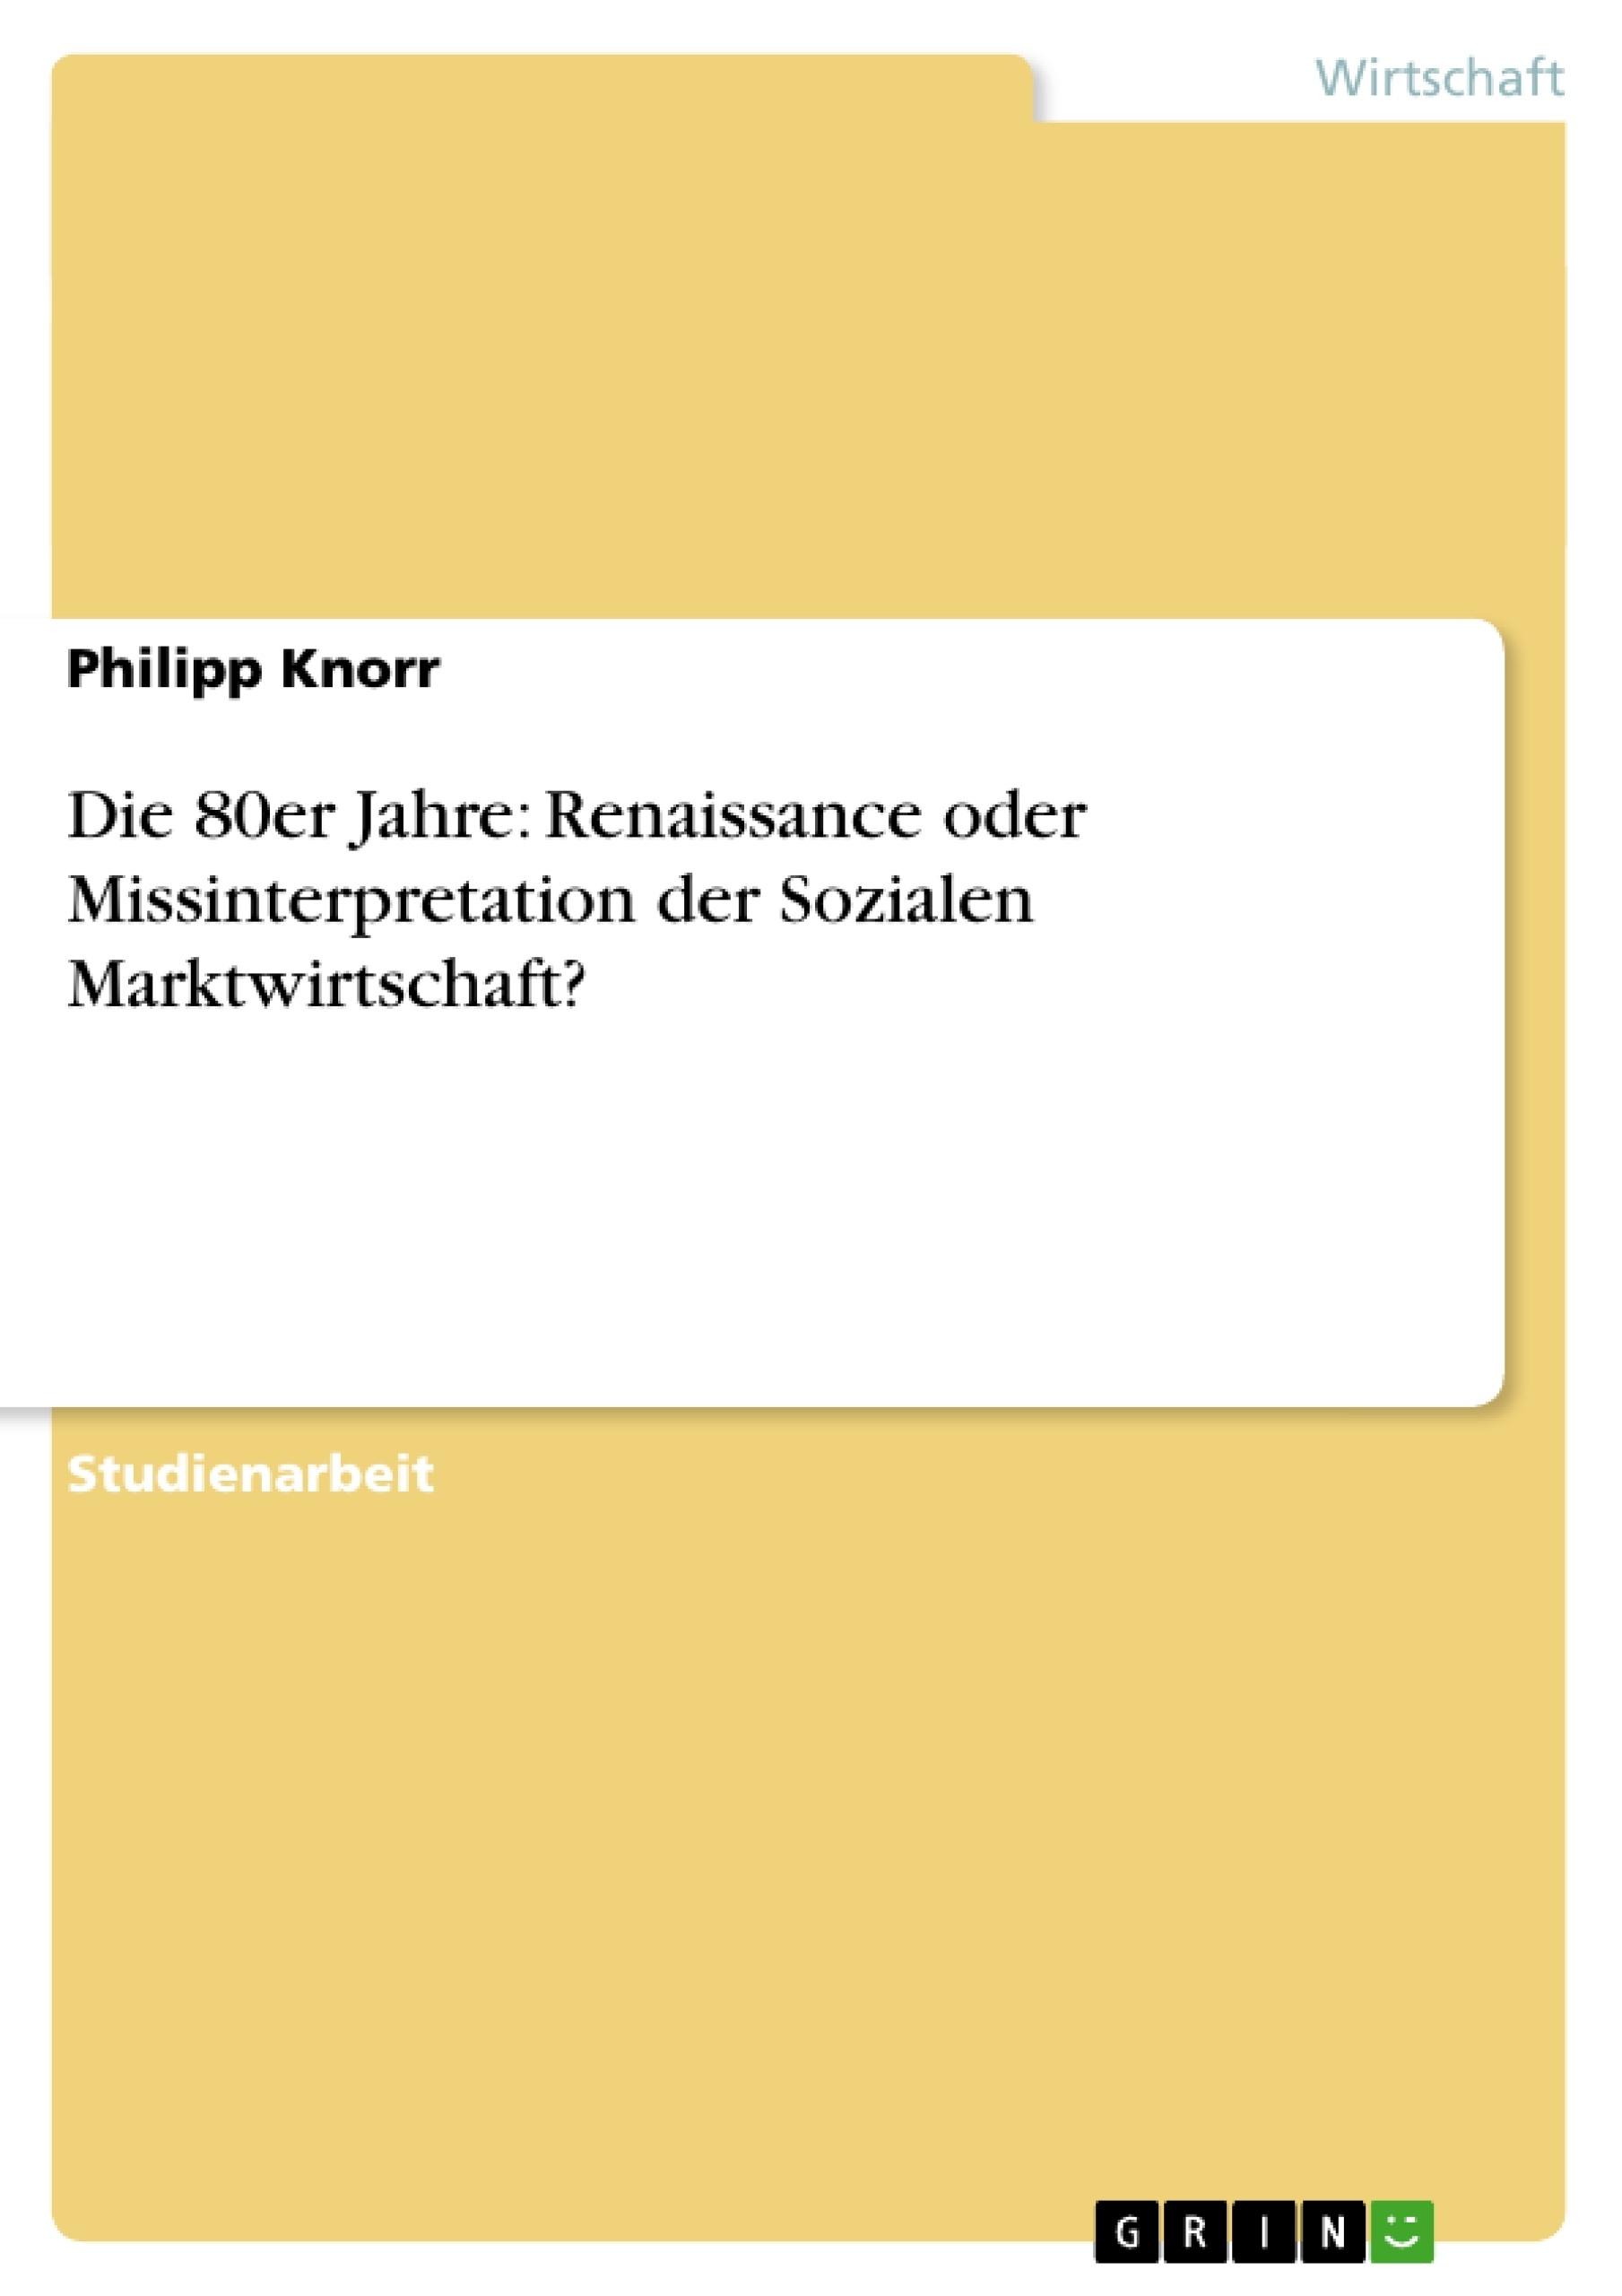 Titel: Die 80er Jahre: Renaissance oder Missinterpretation der Sozialen Marktwirtschaft?